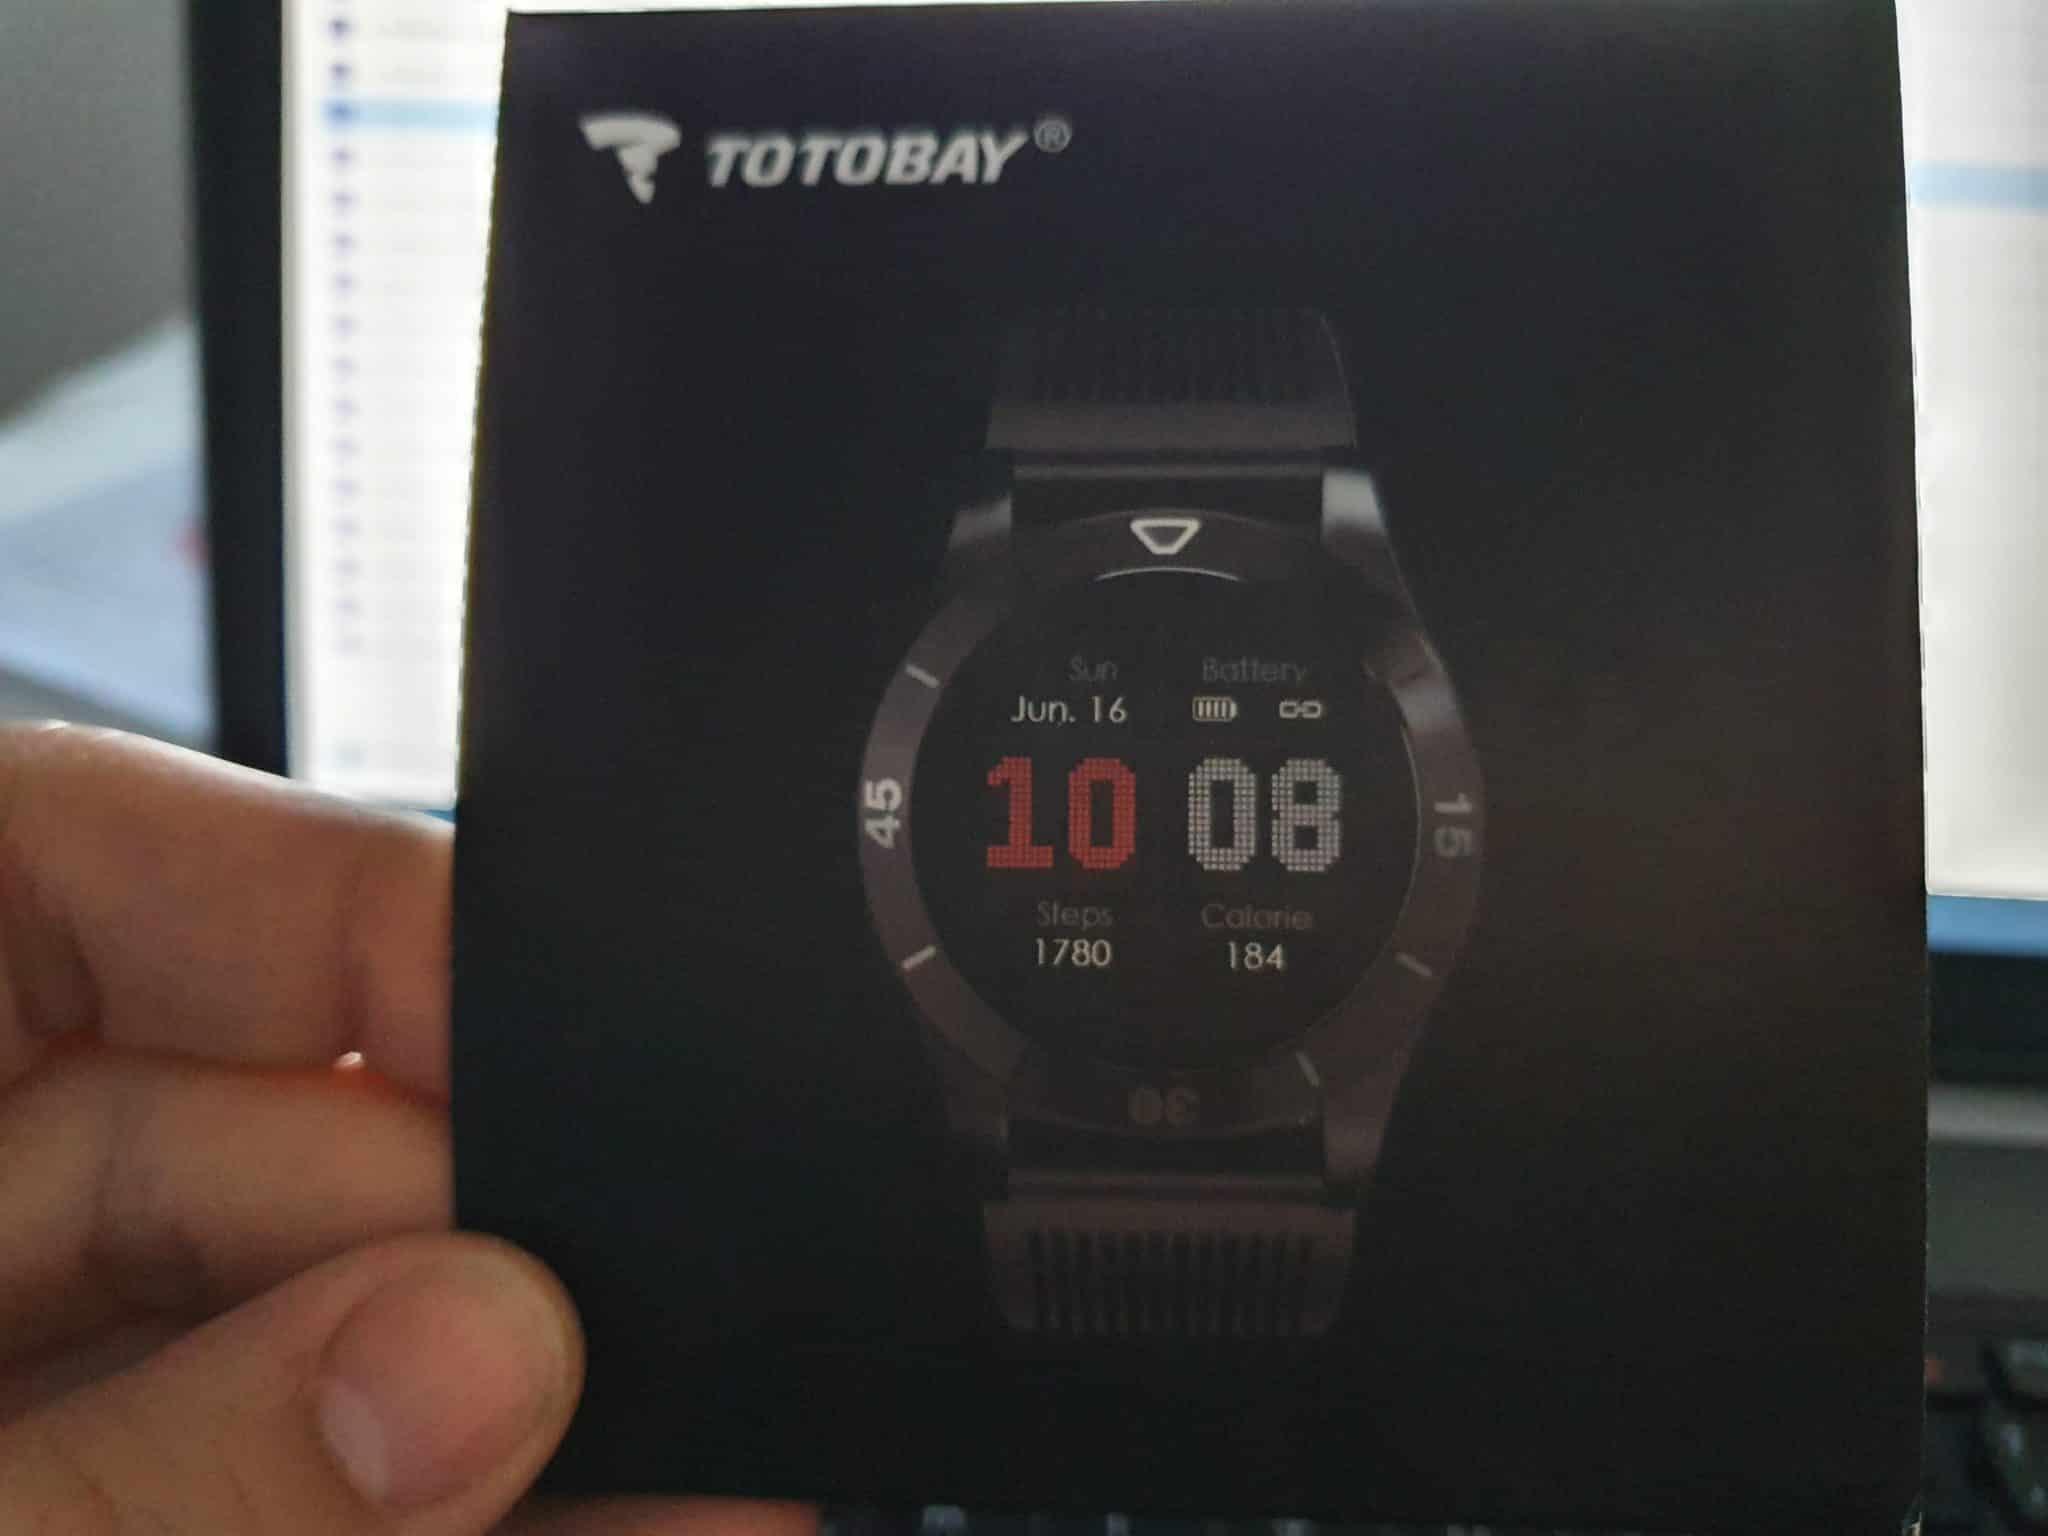 Caja Smartwatch Totobay